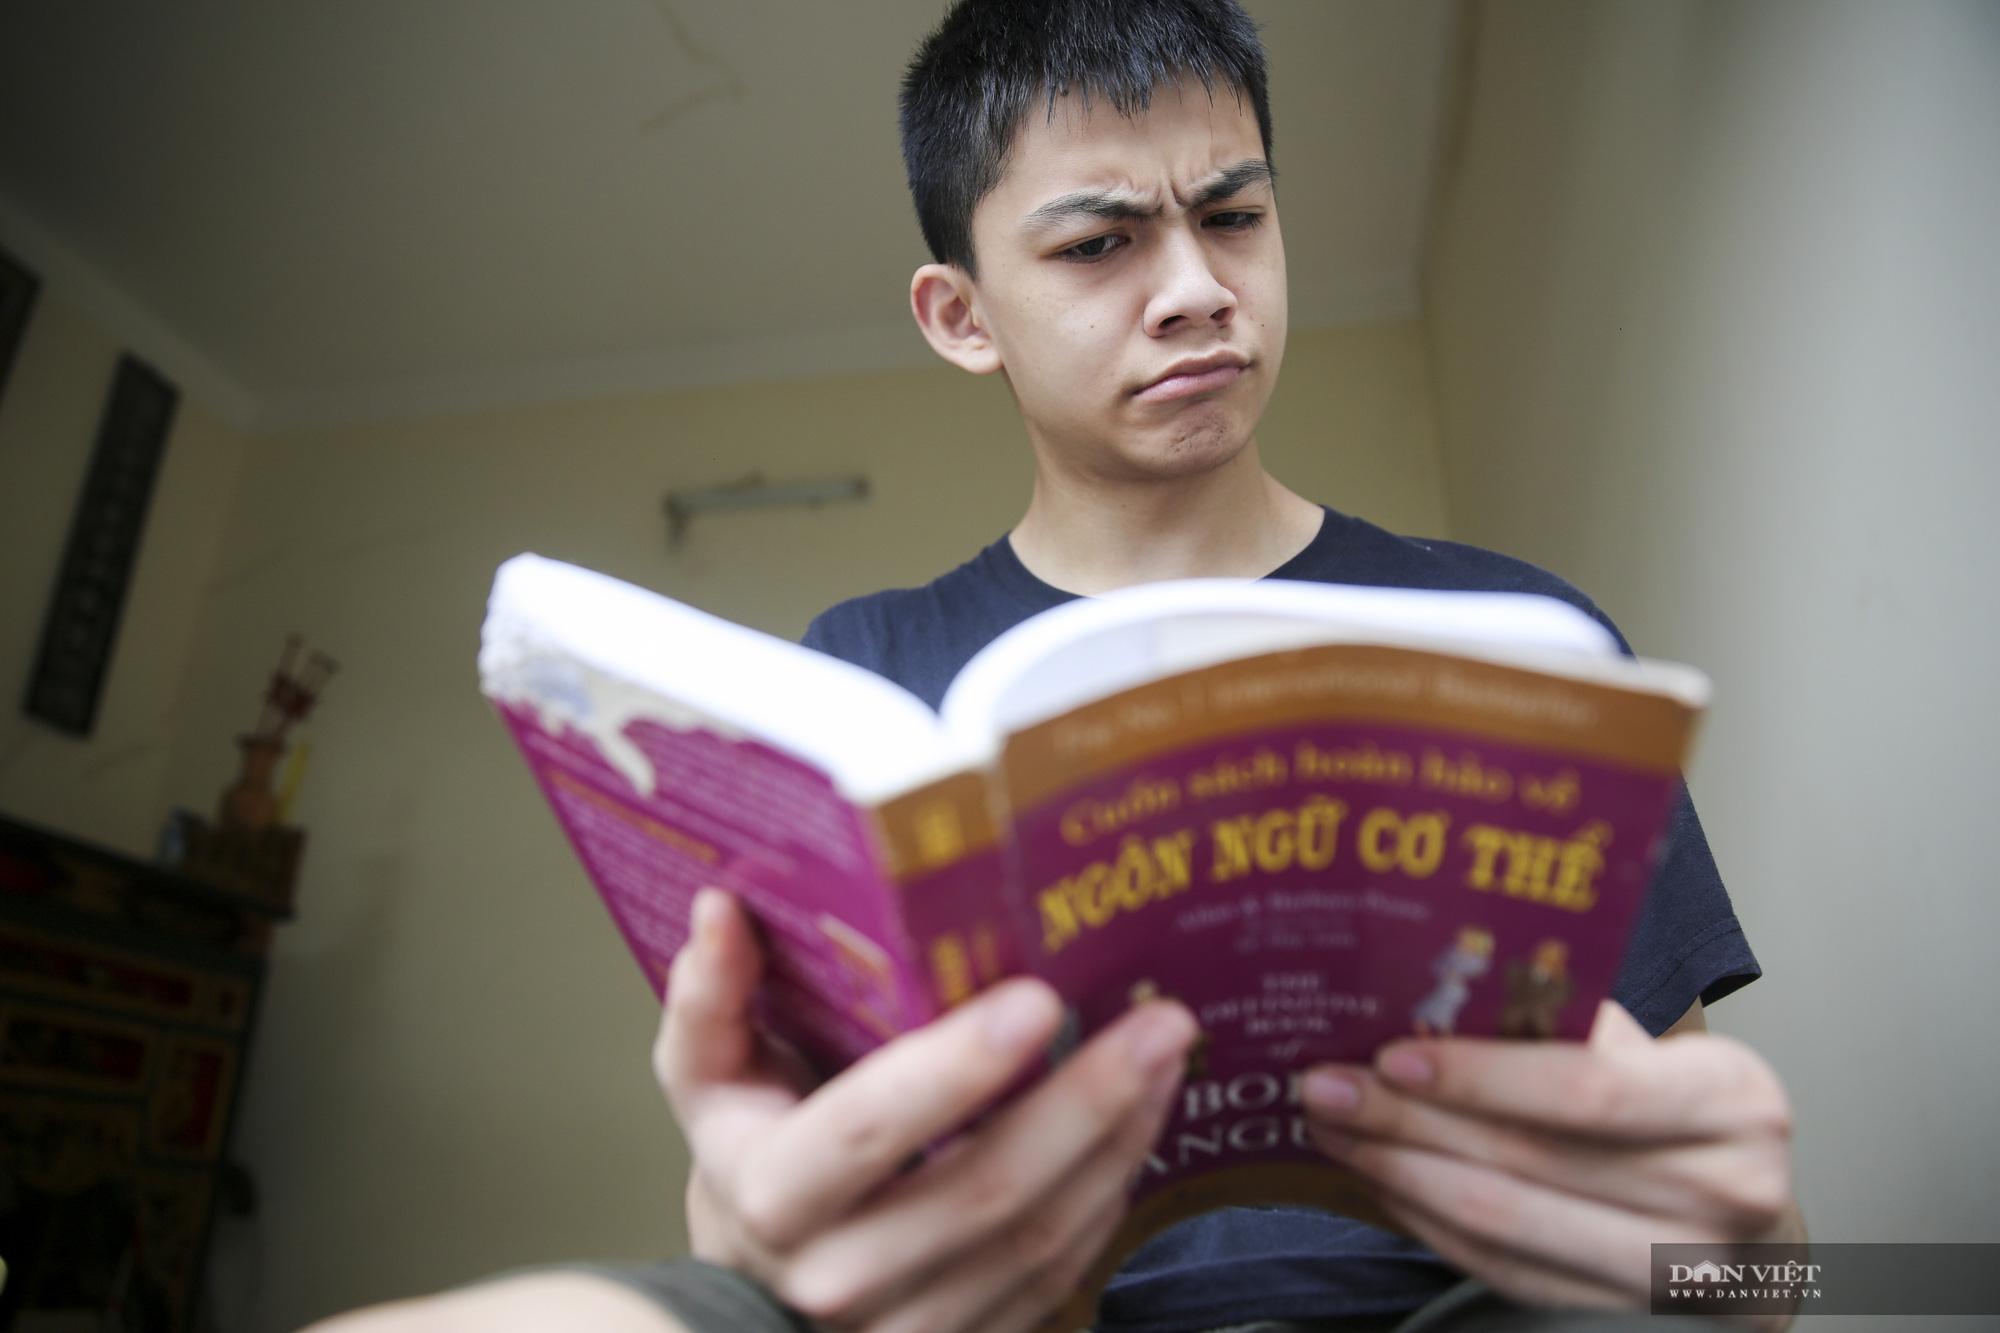 """Cậu bé """"bại não"""" được tuyển thẳng vào ngành Trí tuệ nhân tạo Đại học FPT - Ảnh 4."""